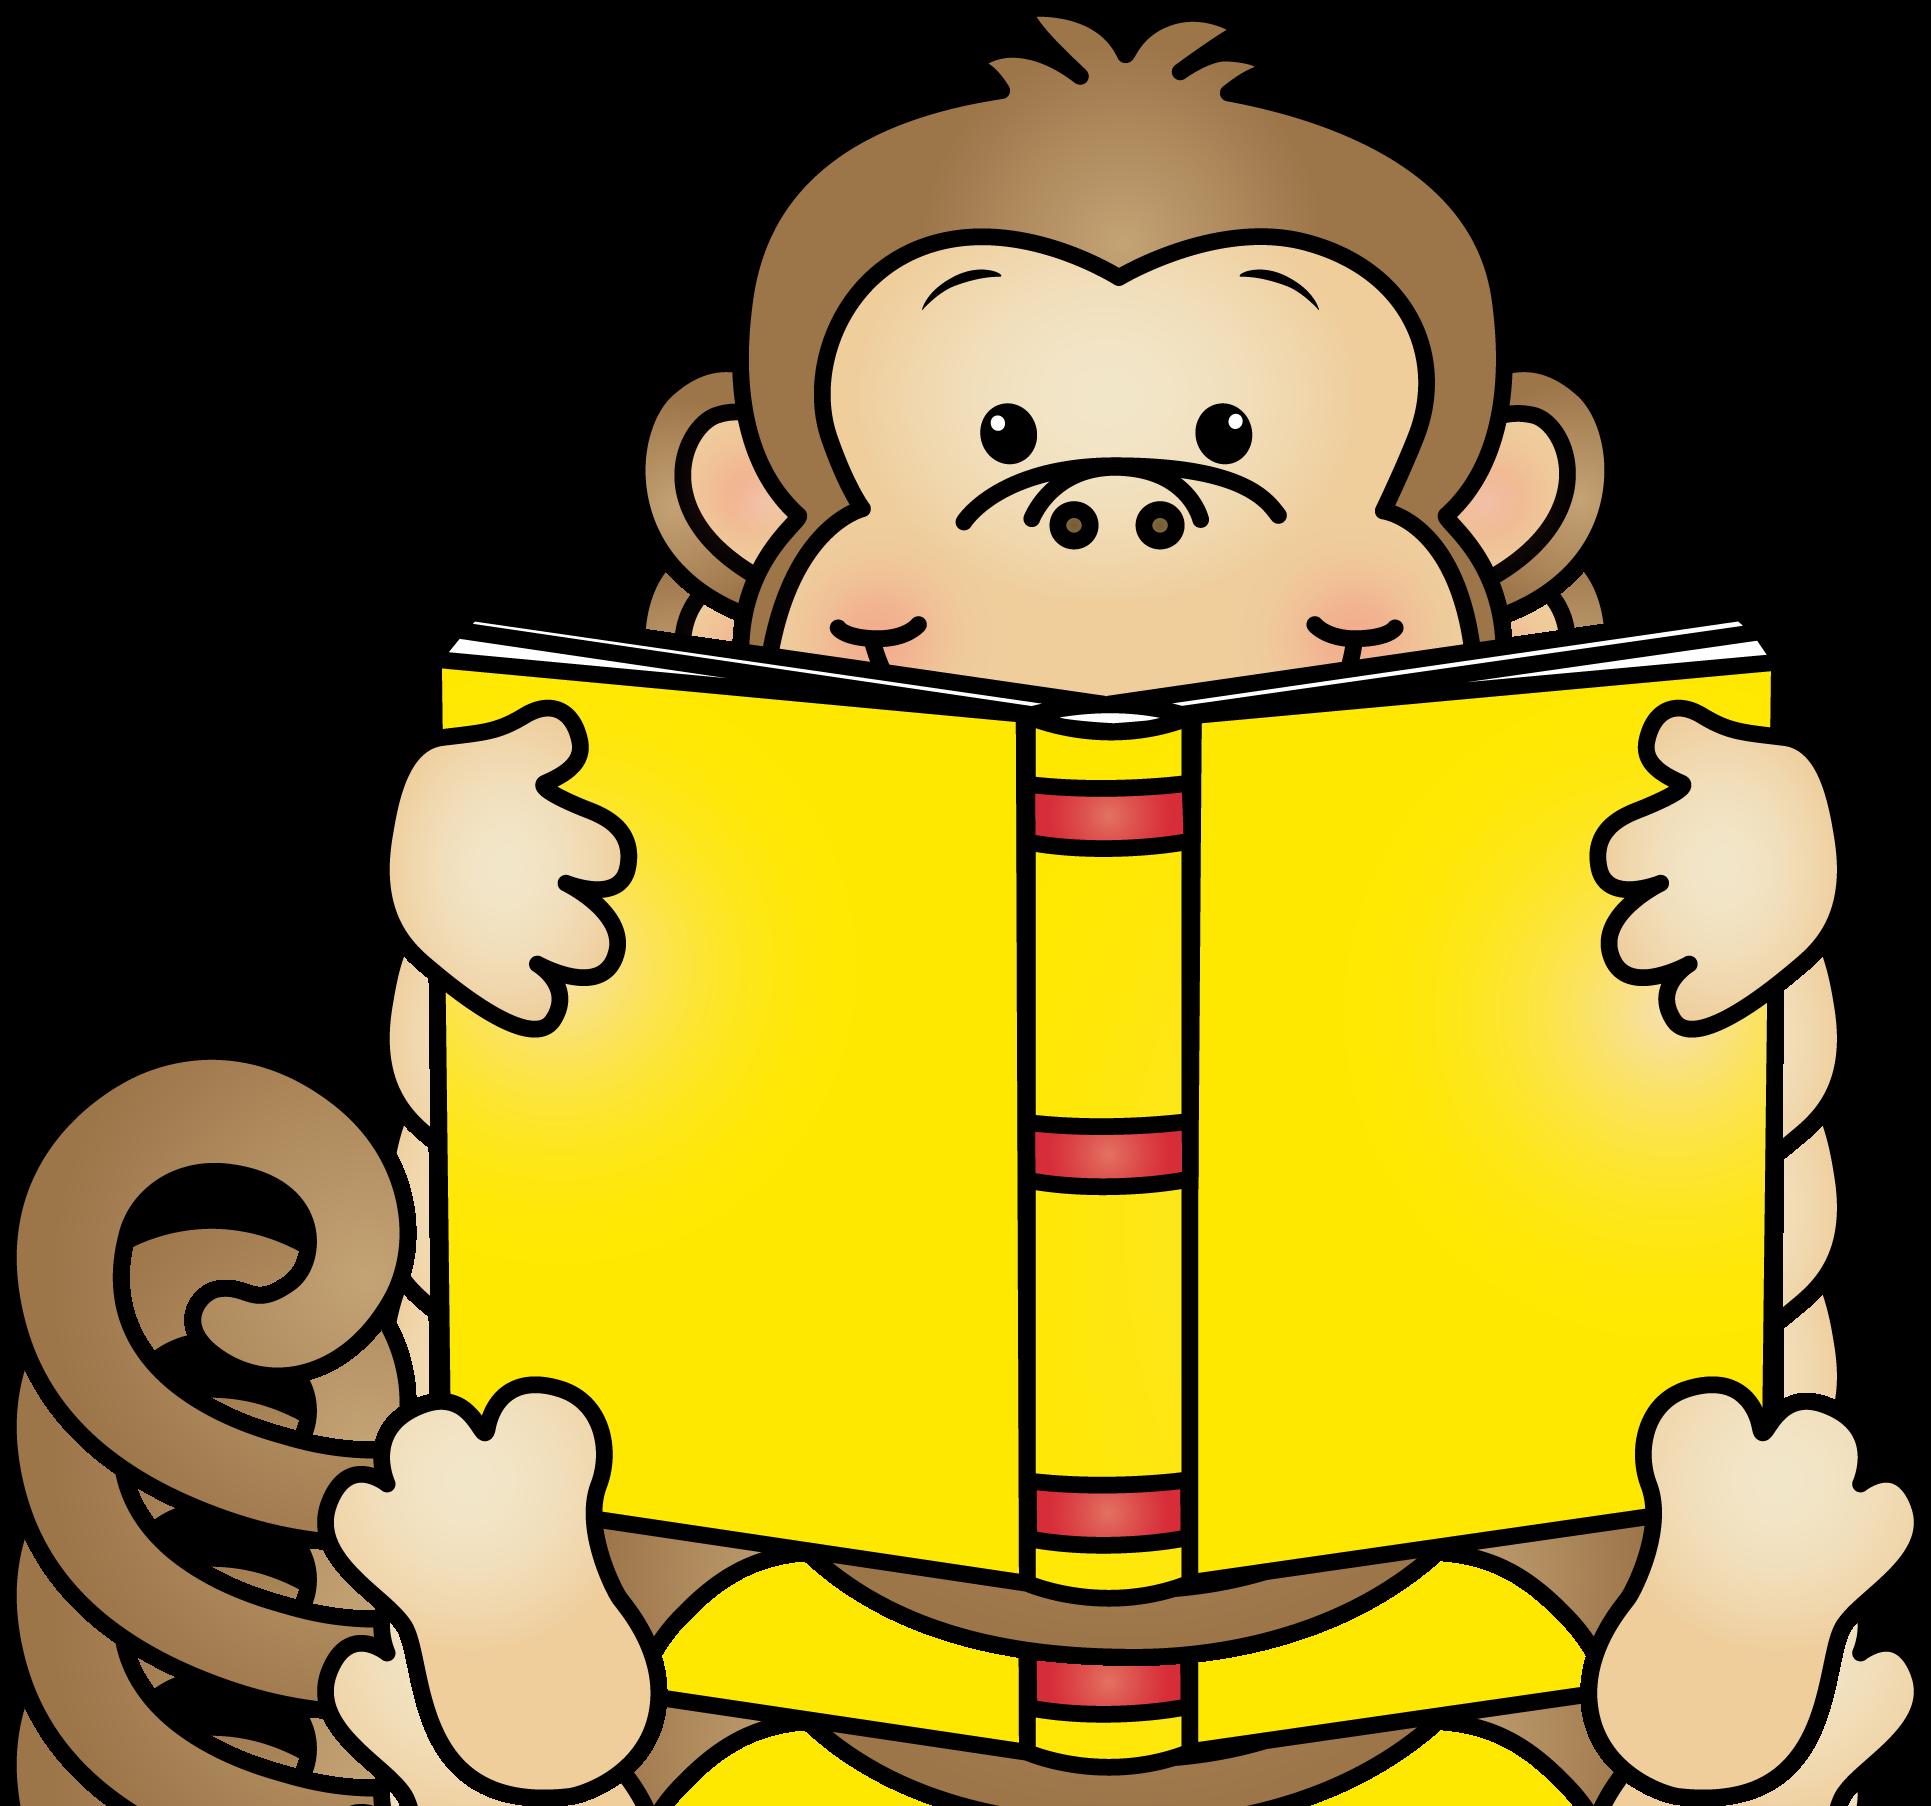 Textbook clipart teacher. Cam jansen reading book